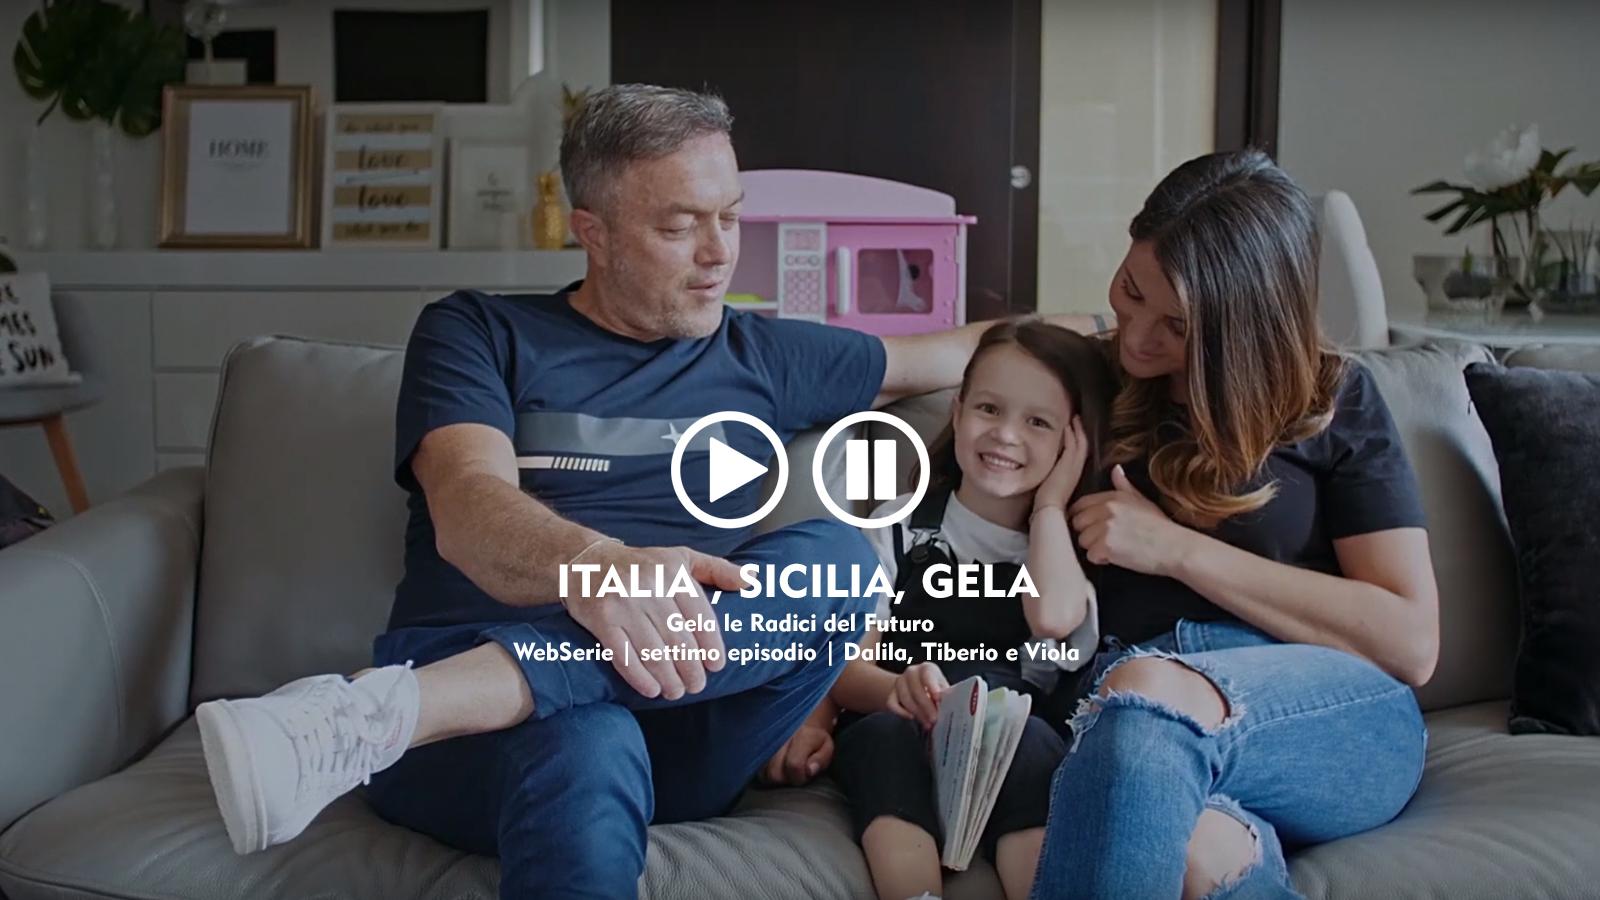 webserie | italia, sicilia, gela | settimo episodio | Dalila, Tiberio e Viola